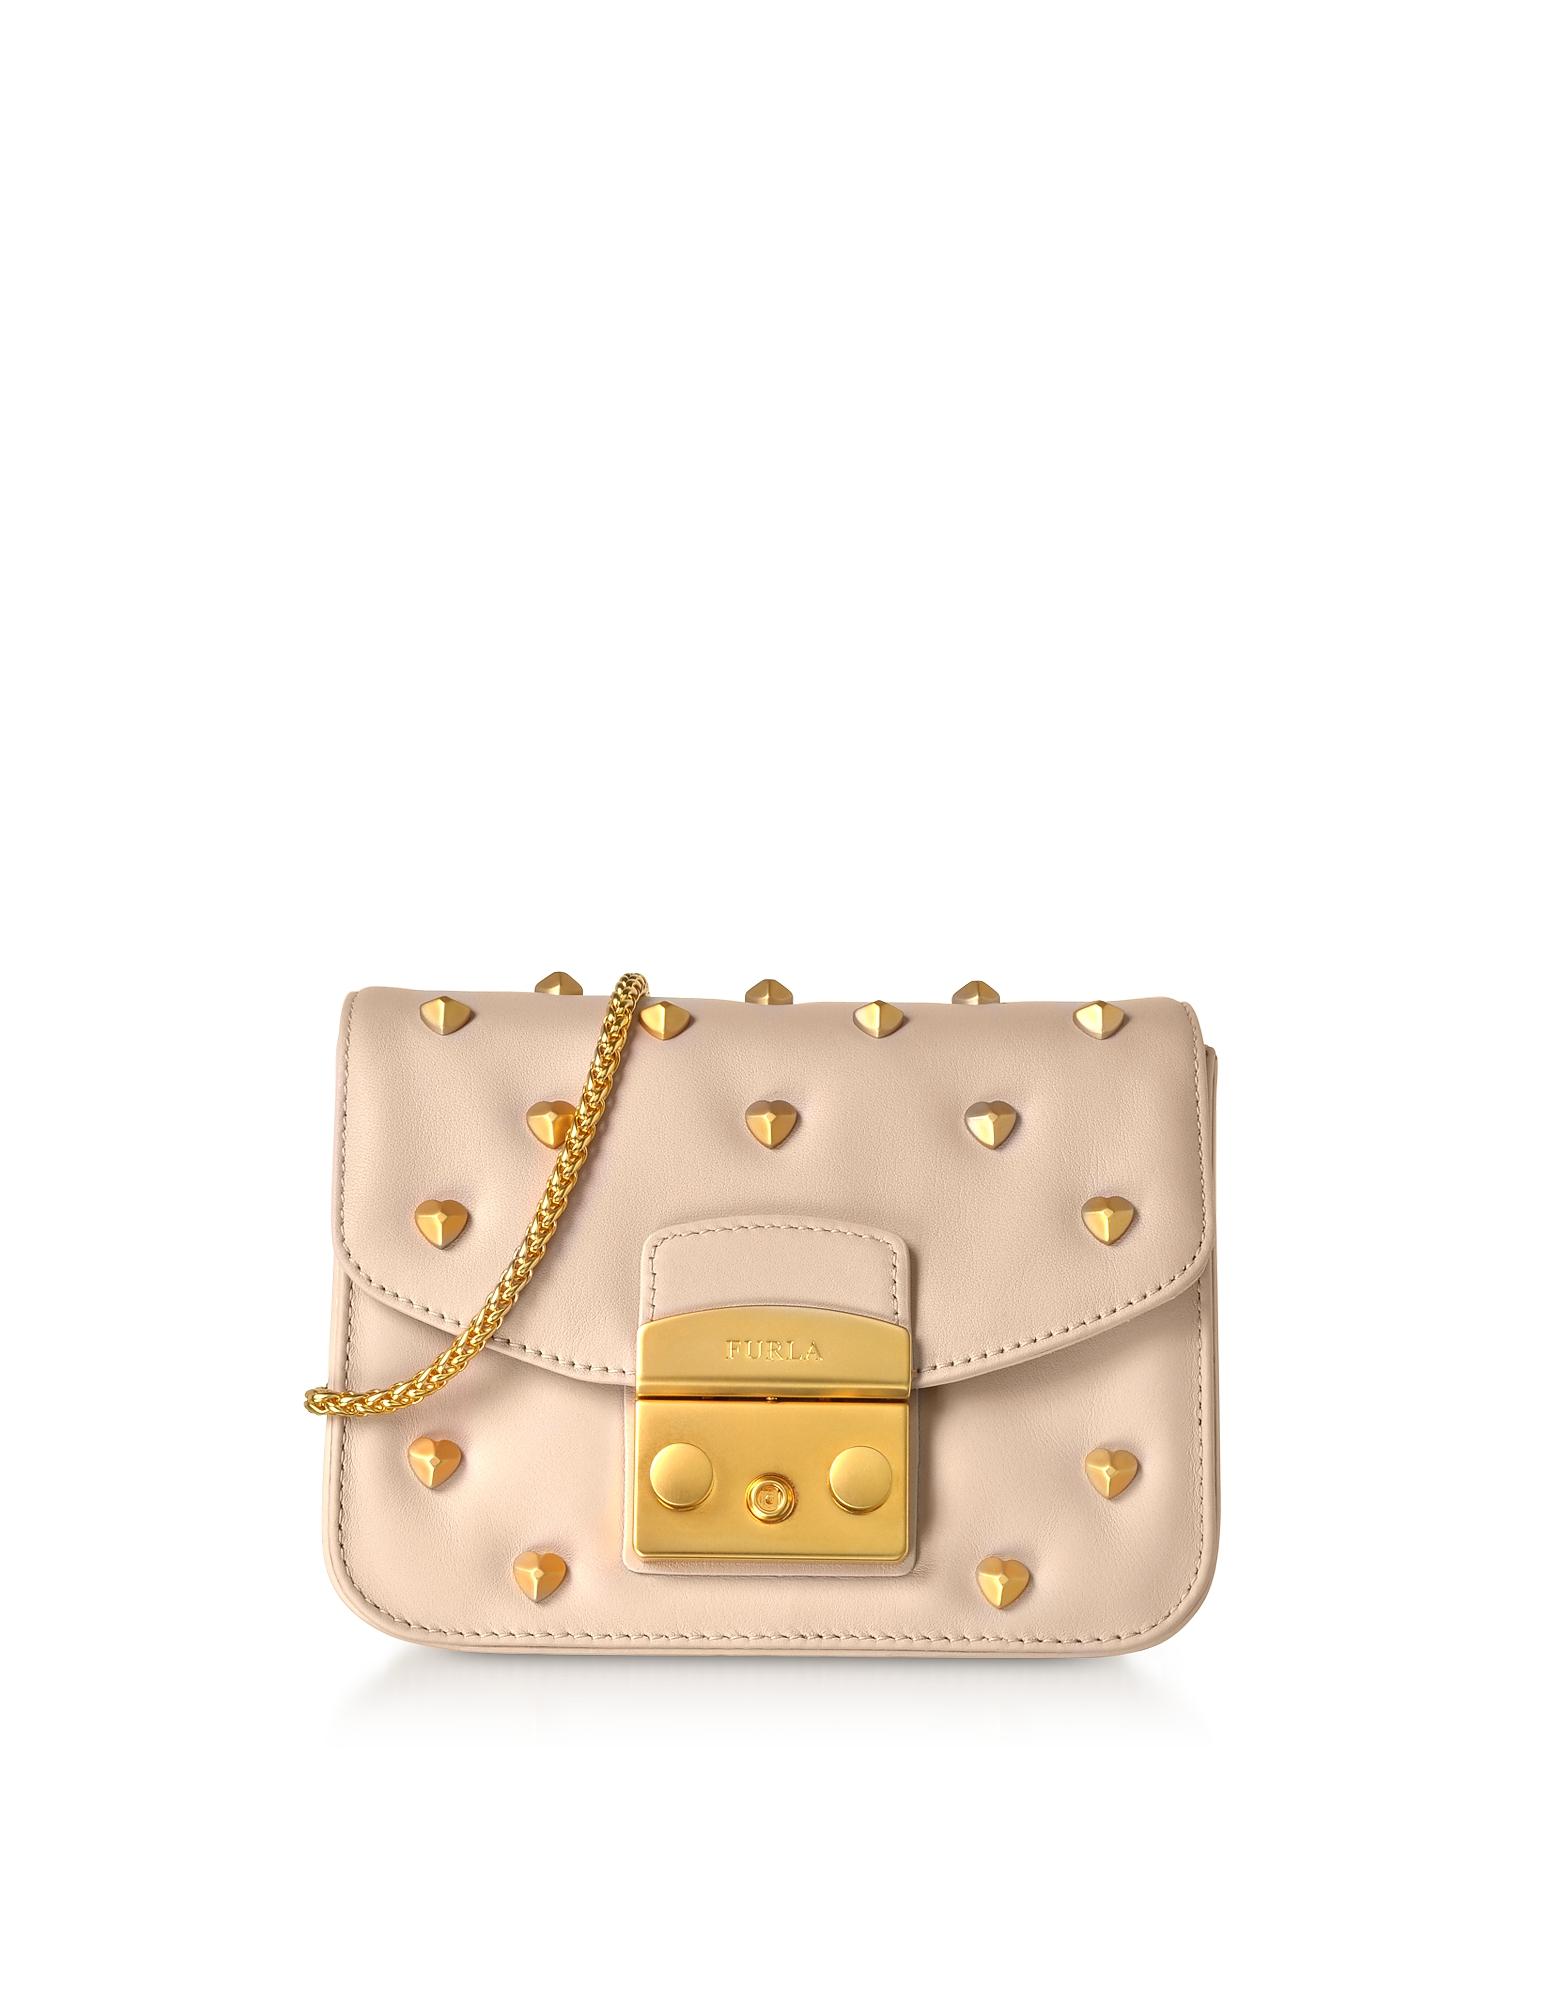 Furla Handbags, Metropolis Amoris Mini Crossbody Bag